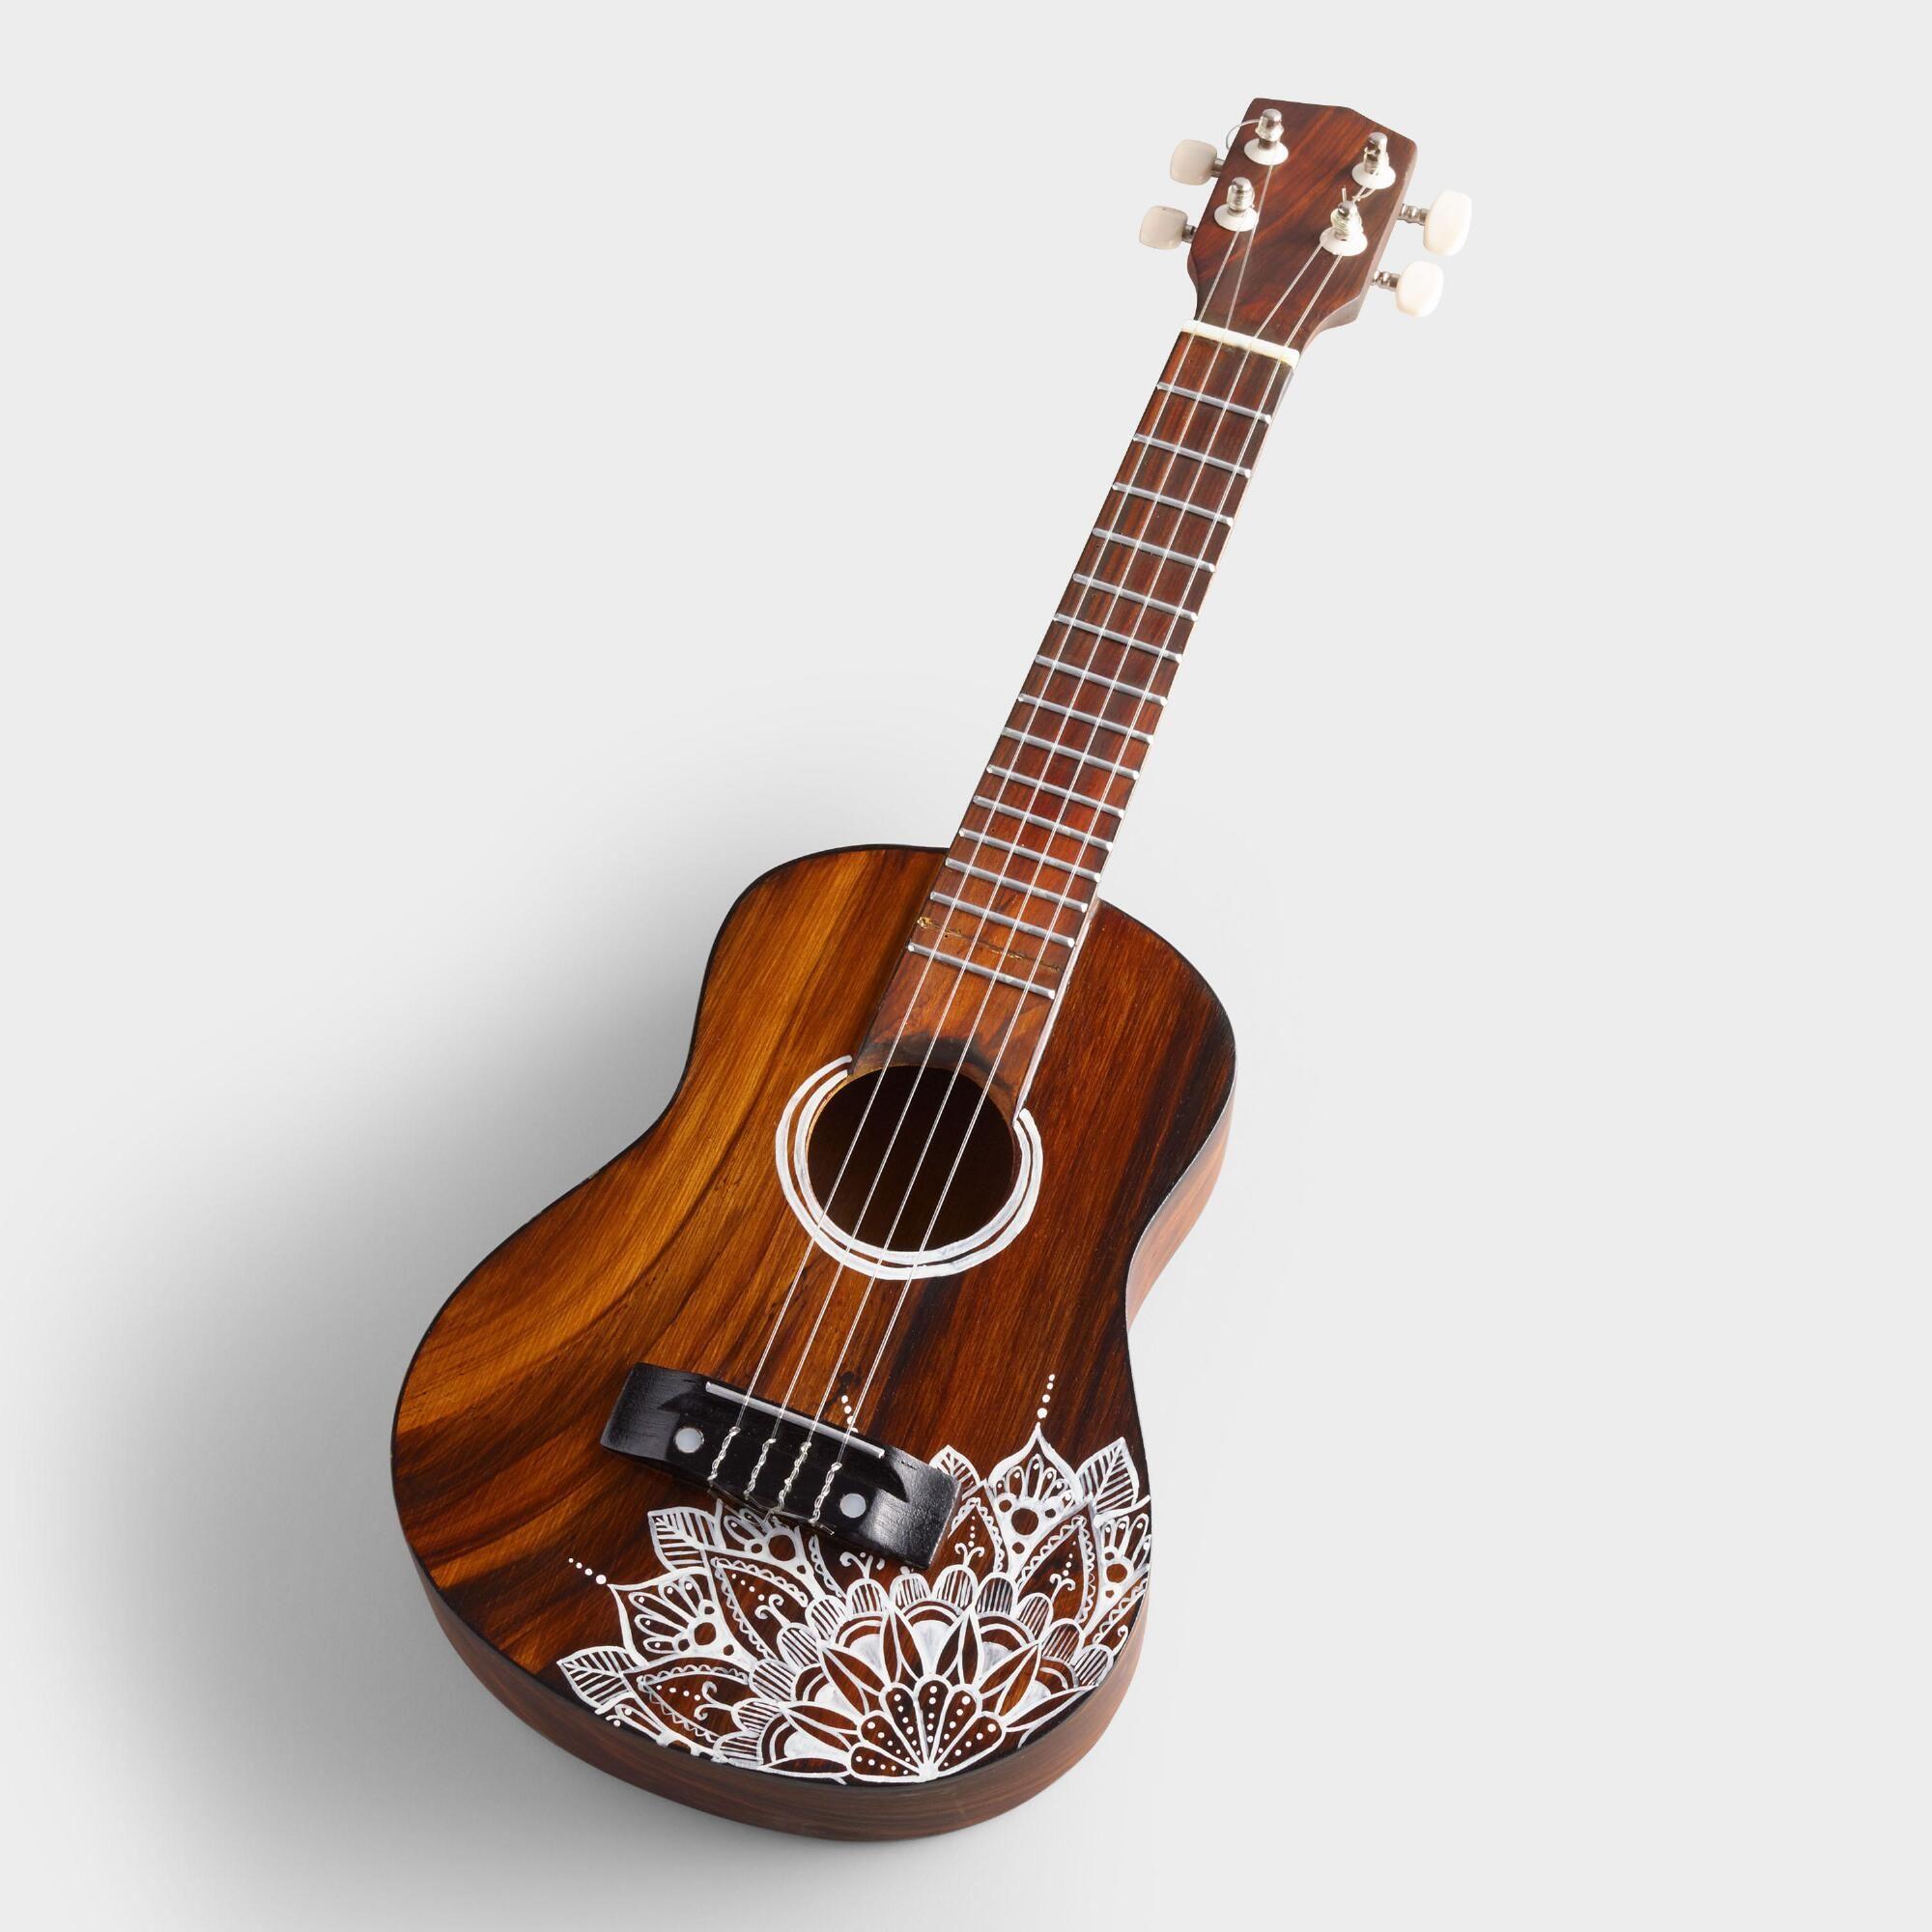 wood ukulele with mandala design by world market ukulele baby in 2019 ukulele guitar. Black Bedroom Furniture Sets. Home Design Ideas